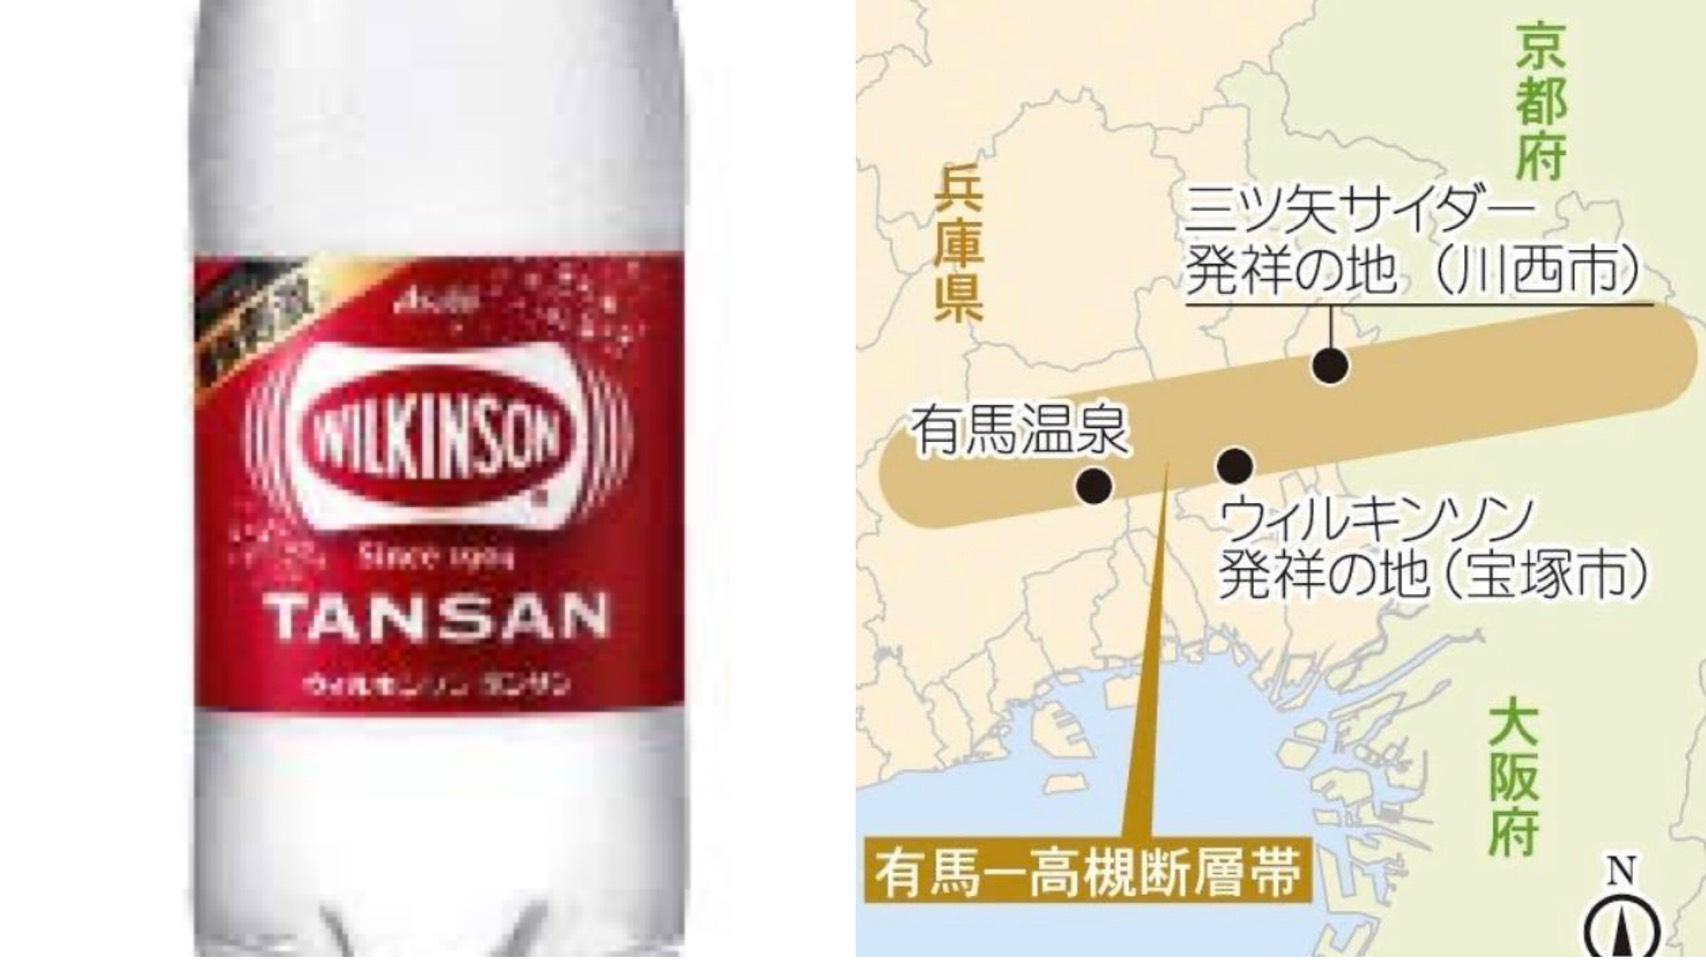 【衝撃】ウィルキンソンの発祥の地はまさかの兵庫県宝塚市だった!